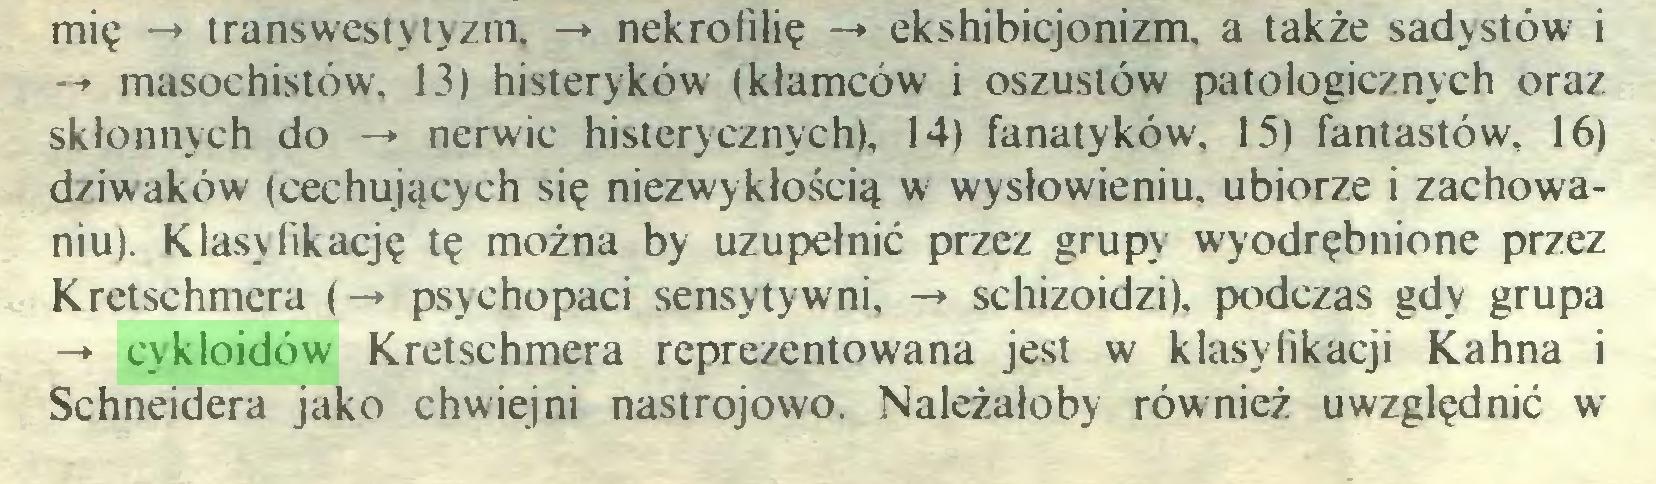 (...) mię -» transwestytyzm. -> nekrofilię -+ ekshibicjonizm, a także sadystów i -» masochistów, 13) histeryków (kłamców i oszustów patologicznych oraz skłonnych do -* nerwic histerycznych), 14) fanatyków, 15) fantastów, 16) dziwaków (cechujących się niezwykłością w wysłowieniu, ubiorze i zachowaniu). Klasyfikację tę można by uzupełnić przez grupy wyodrębnione przez Kretschmera (-♦ psychopaci sensytywni, -* schizoidzi). podczas gdy grupa -*• cykloidów Kretschmera reprezentowana jest w klasyfikacji Kahna i Schneidera jako chwiejni nastrojowo. Należałoby również uwzględnić w...